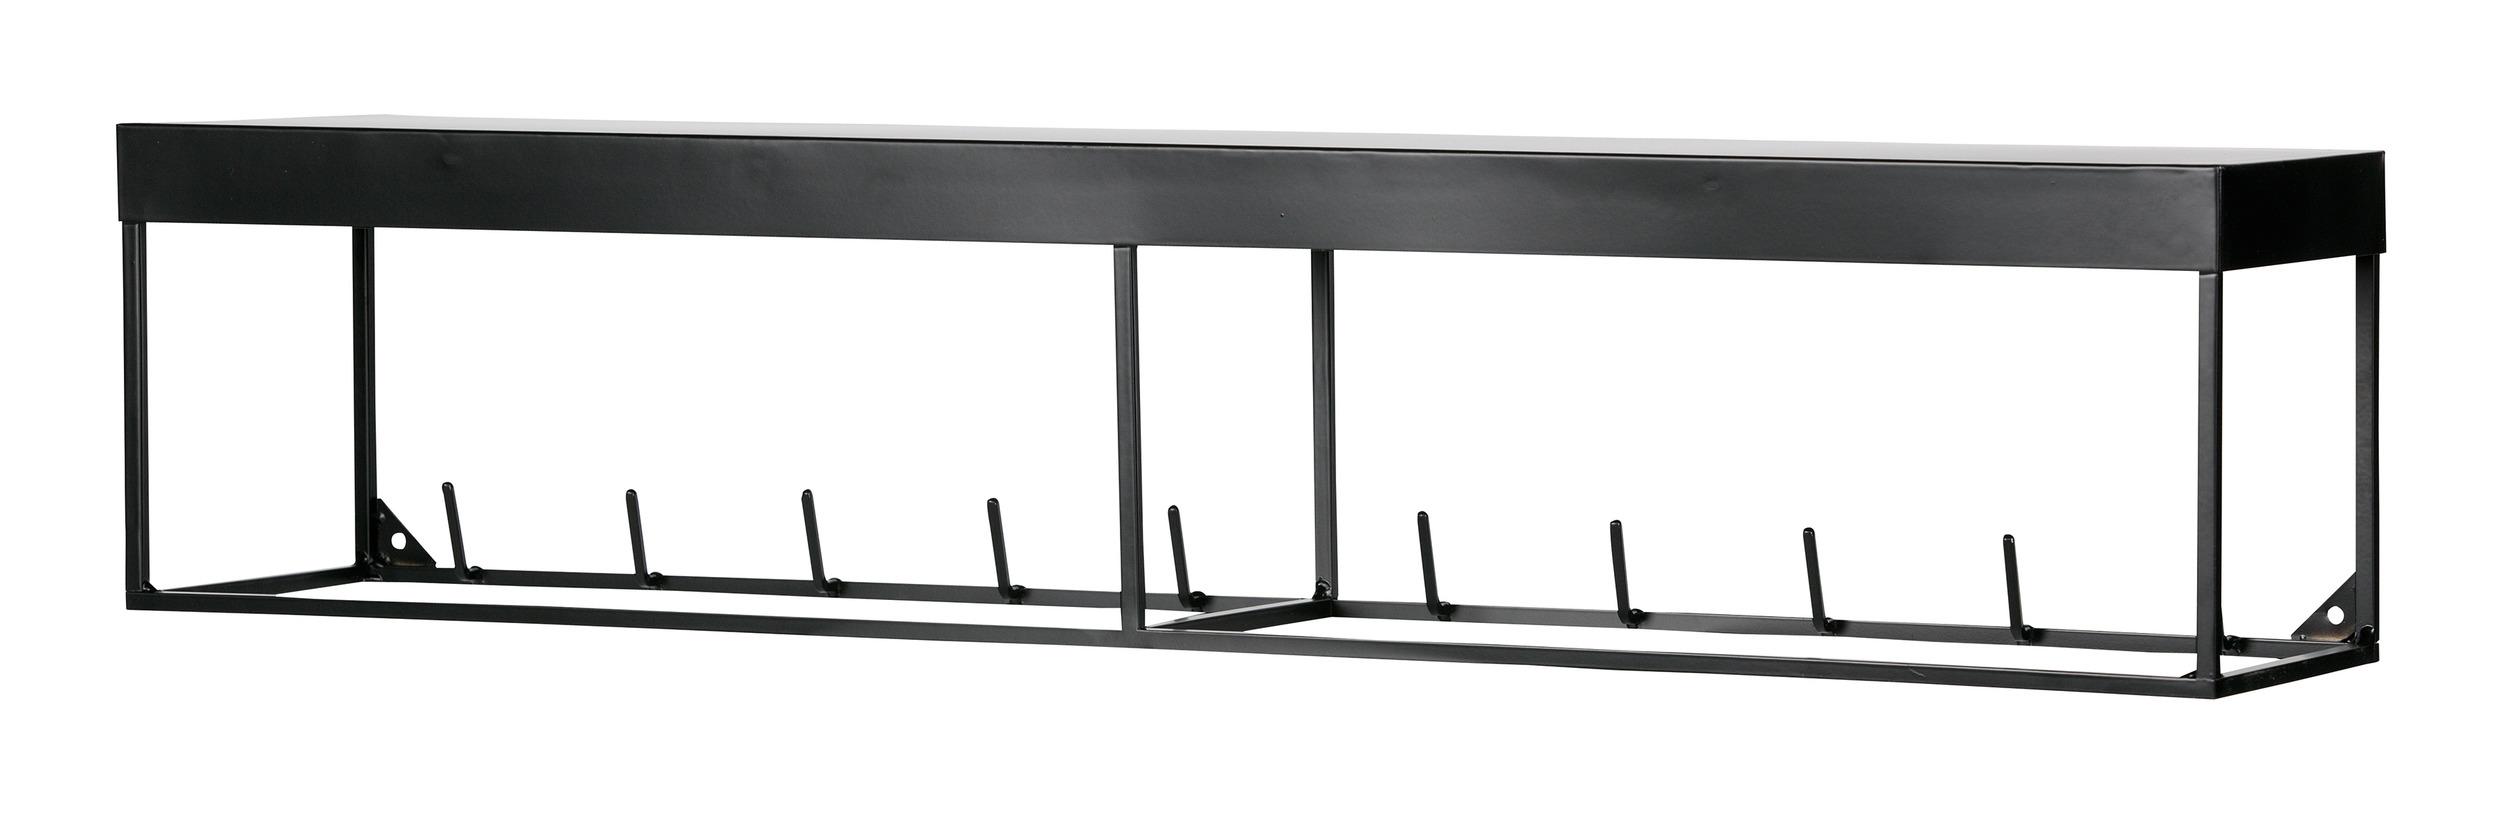 Woood Kapstok 'Meert' 90cm, kleur Zwart Woonaccessoires | Kapstokken kopen